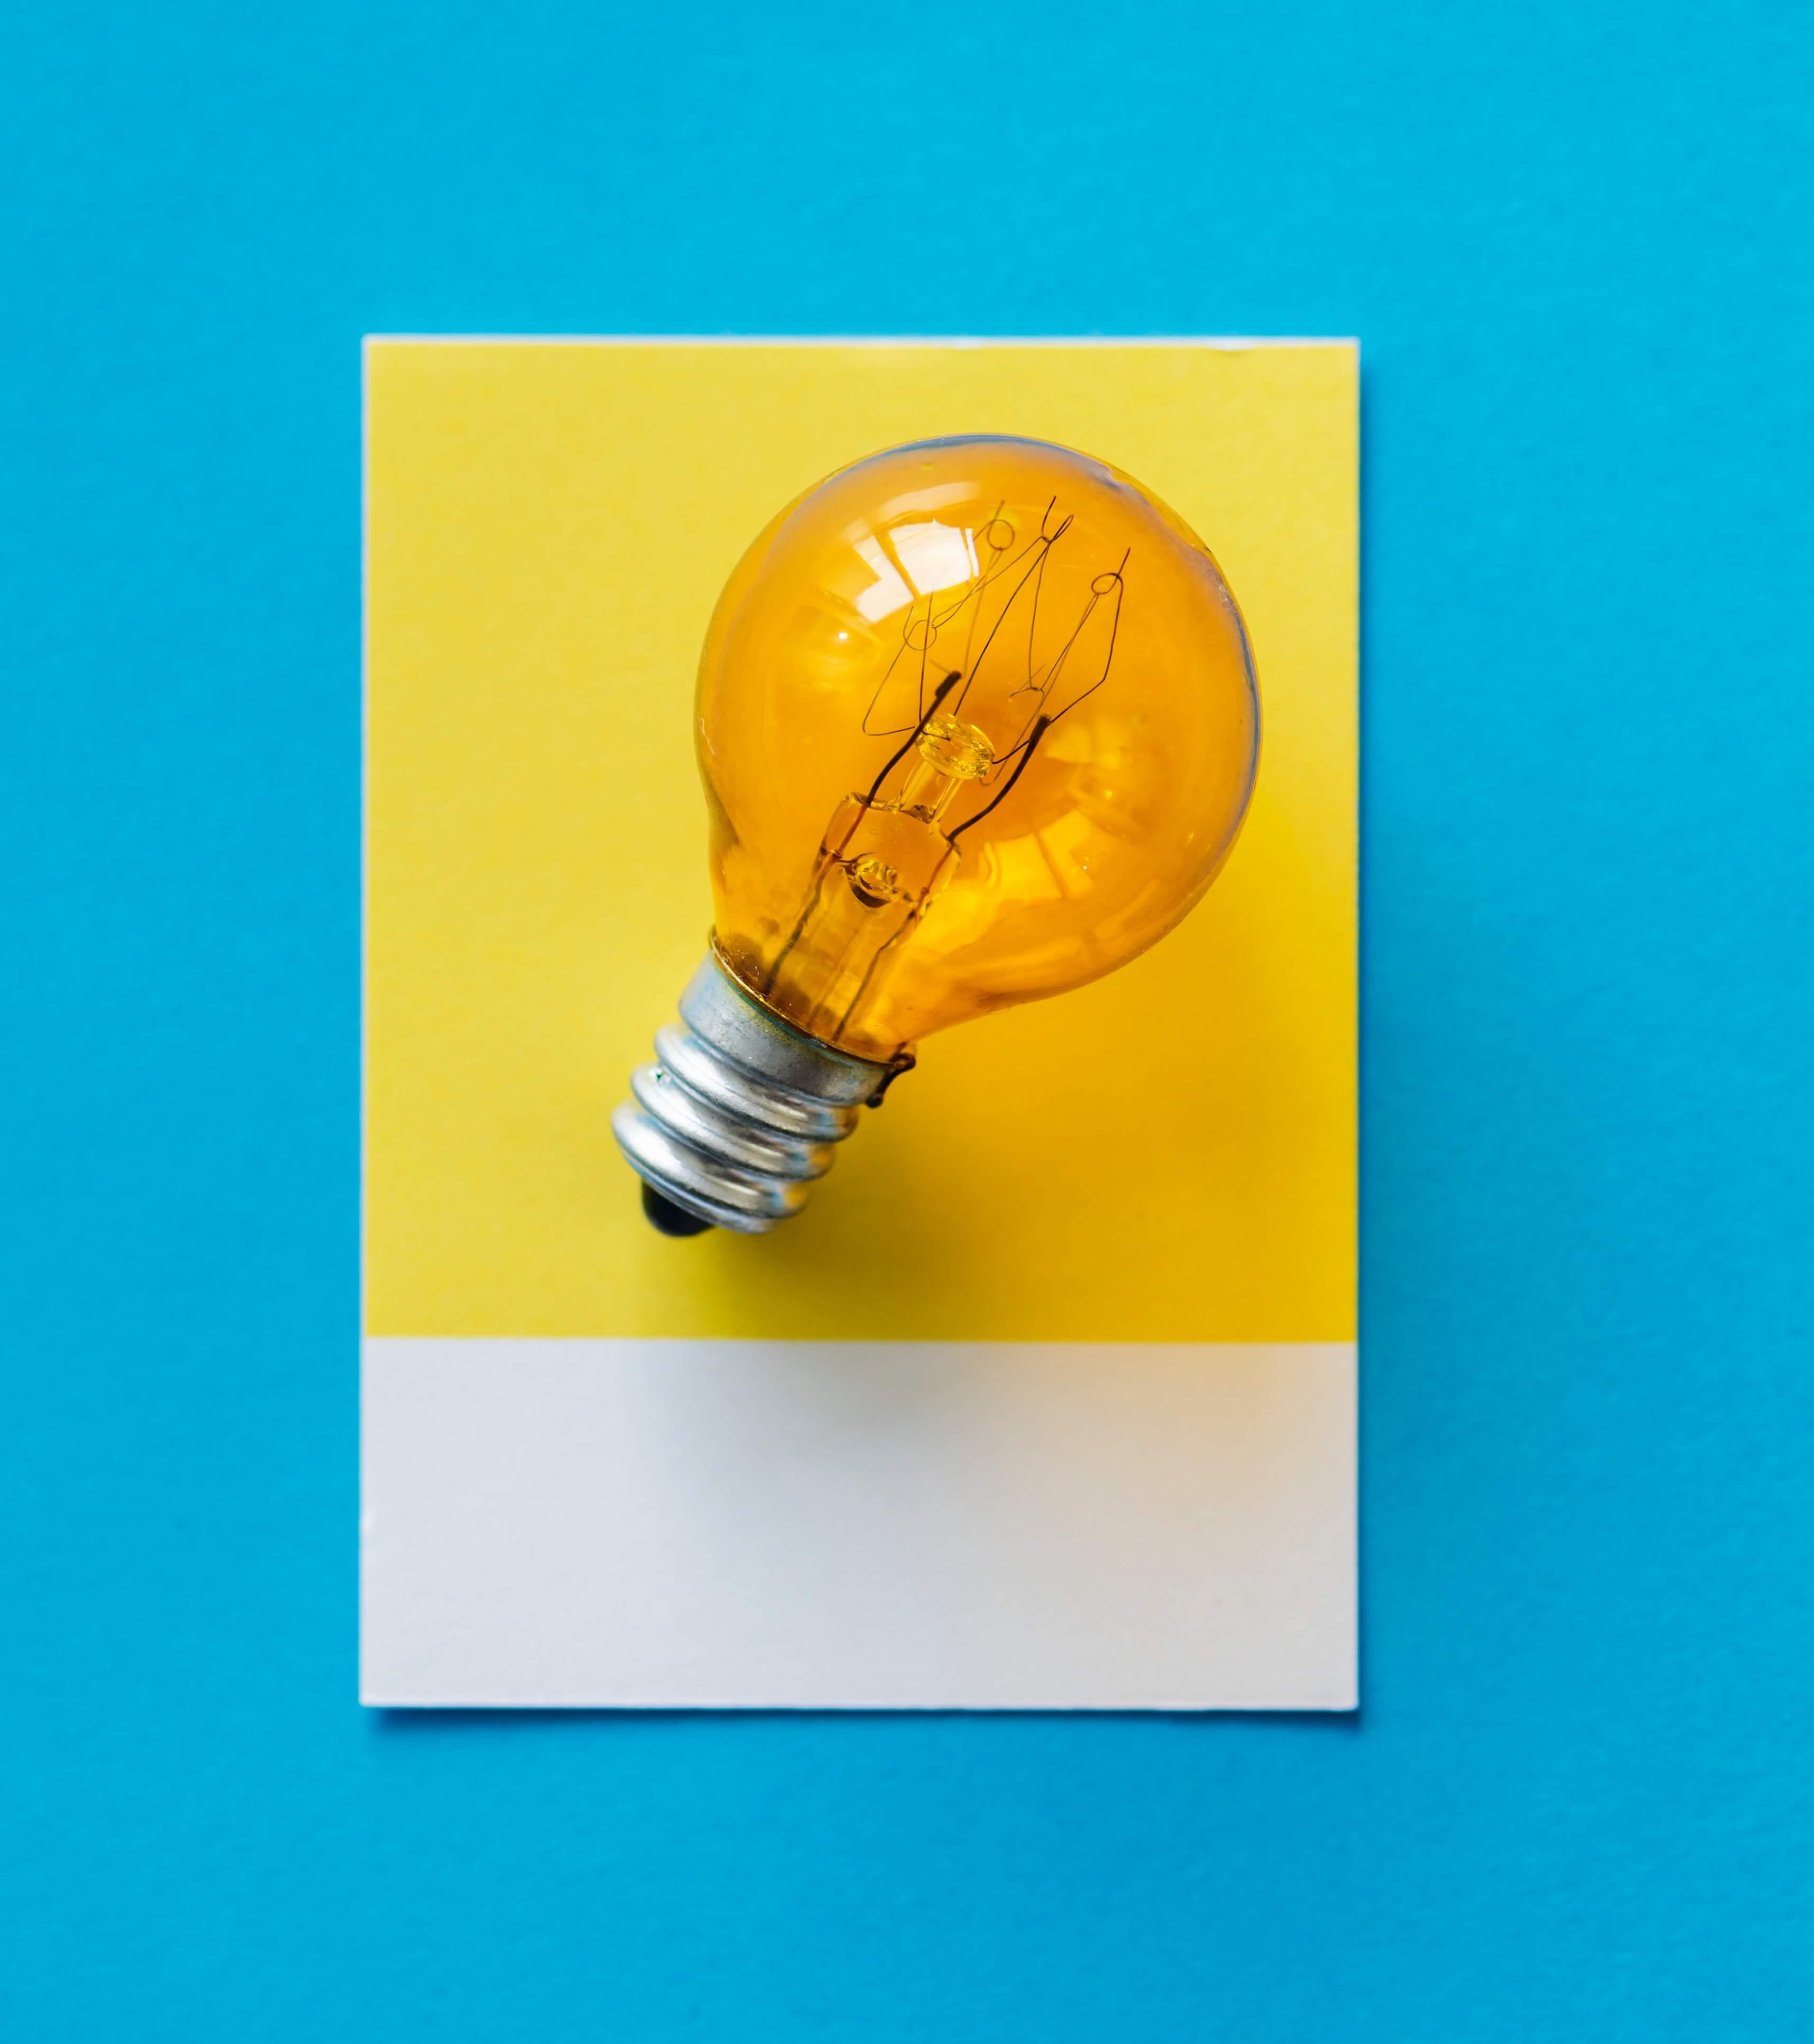 4 nippi, kuidas leida tööd uues valdkonnas, milles Sul kogemused puuduvad